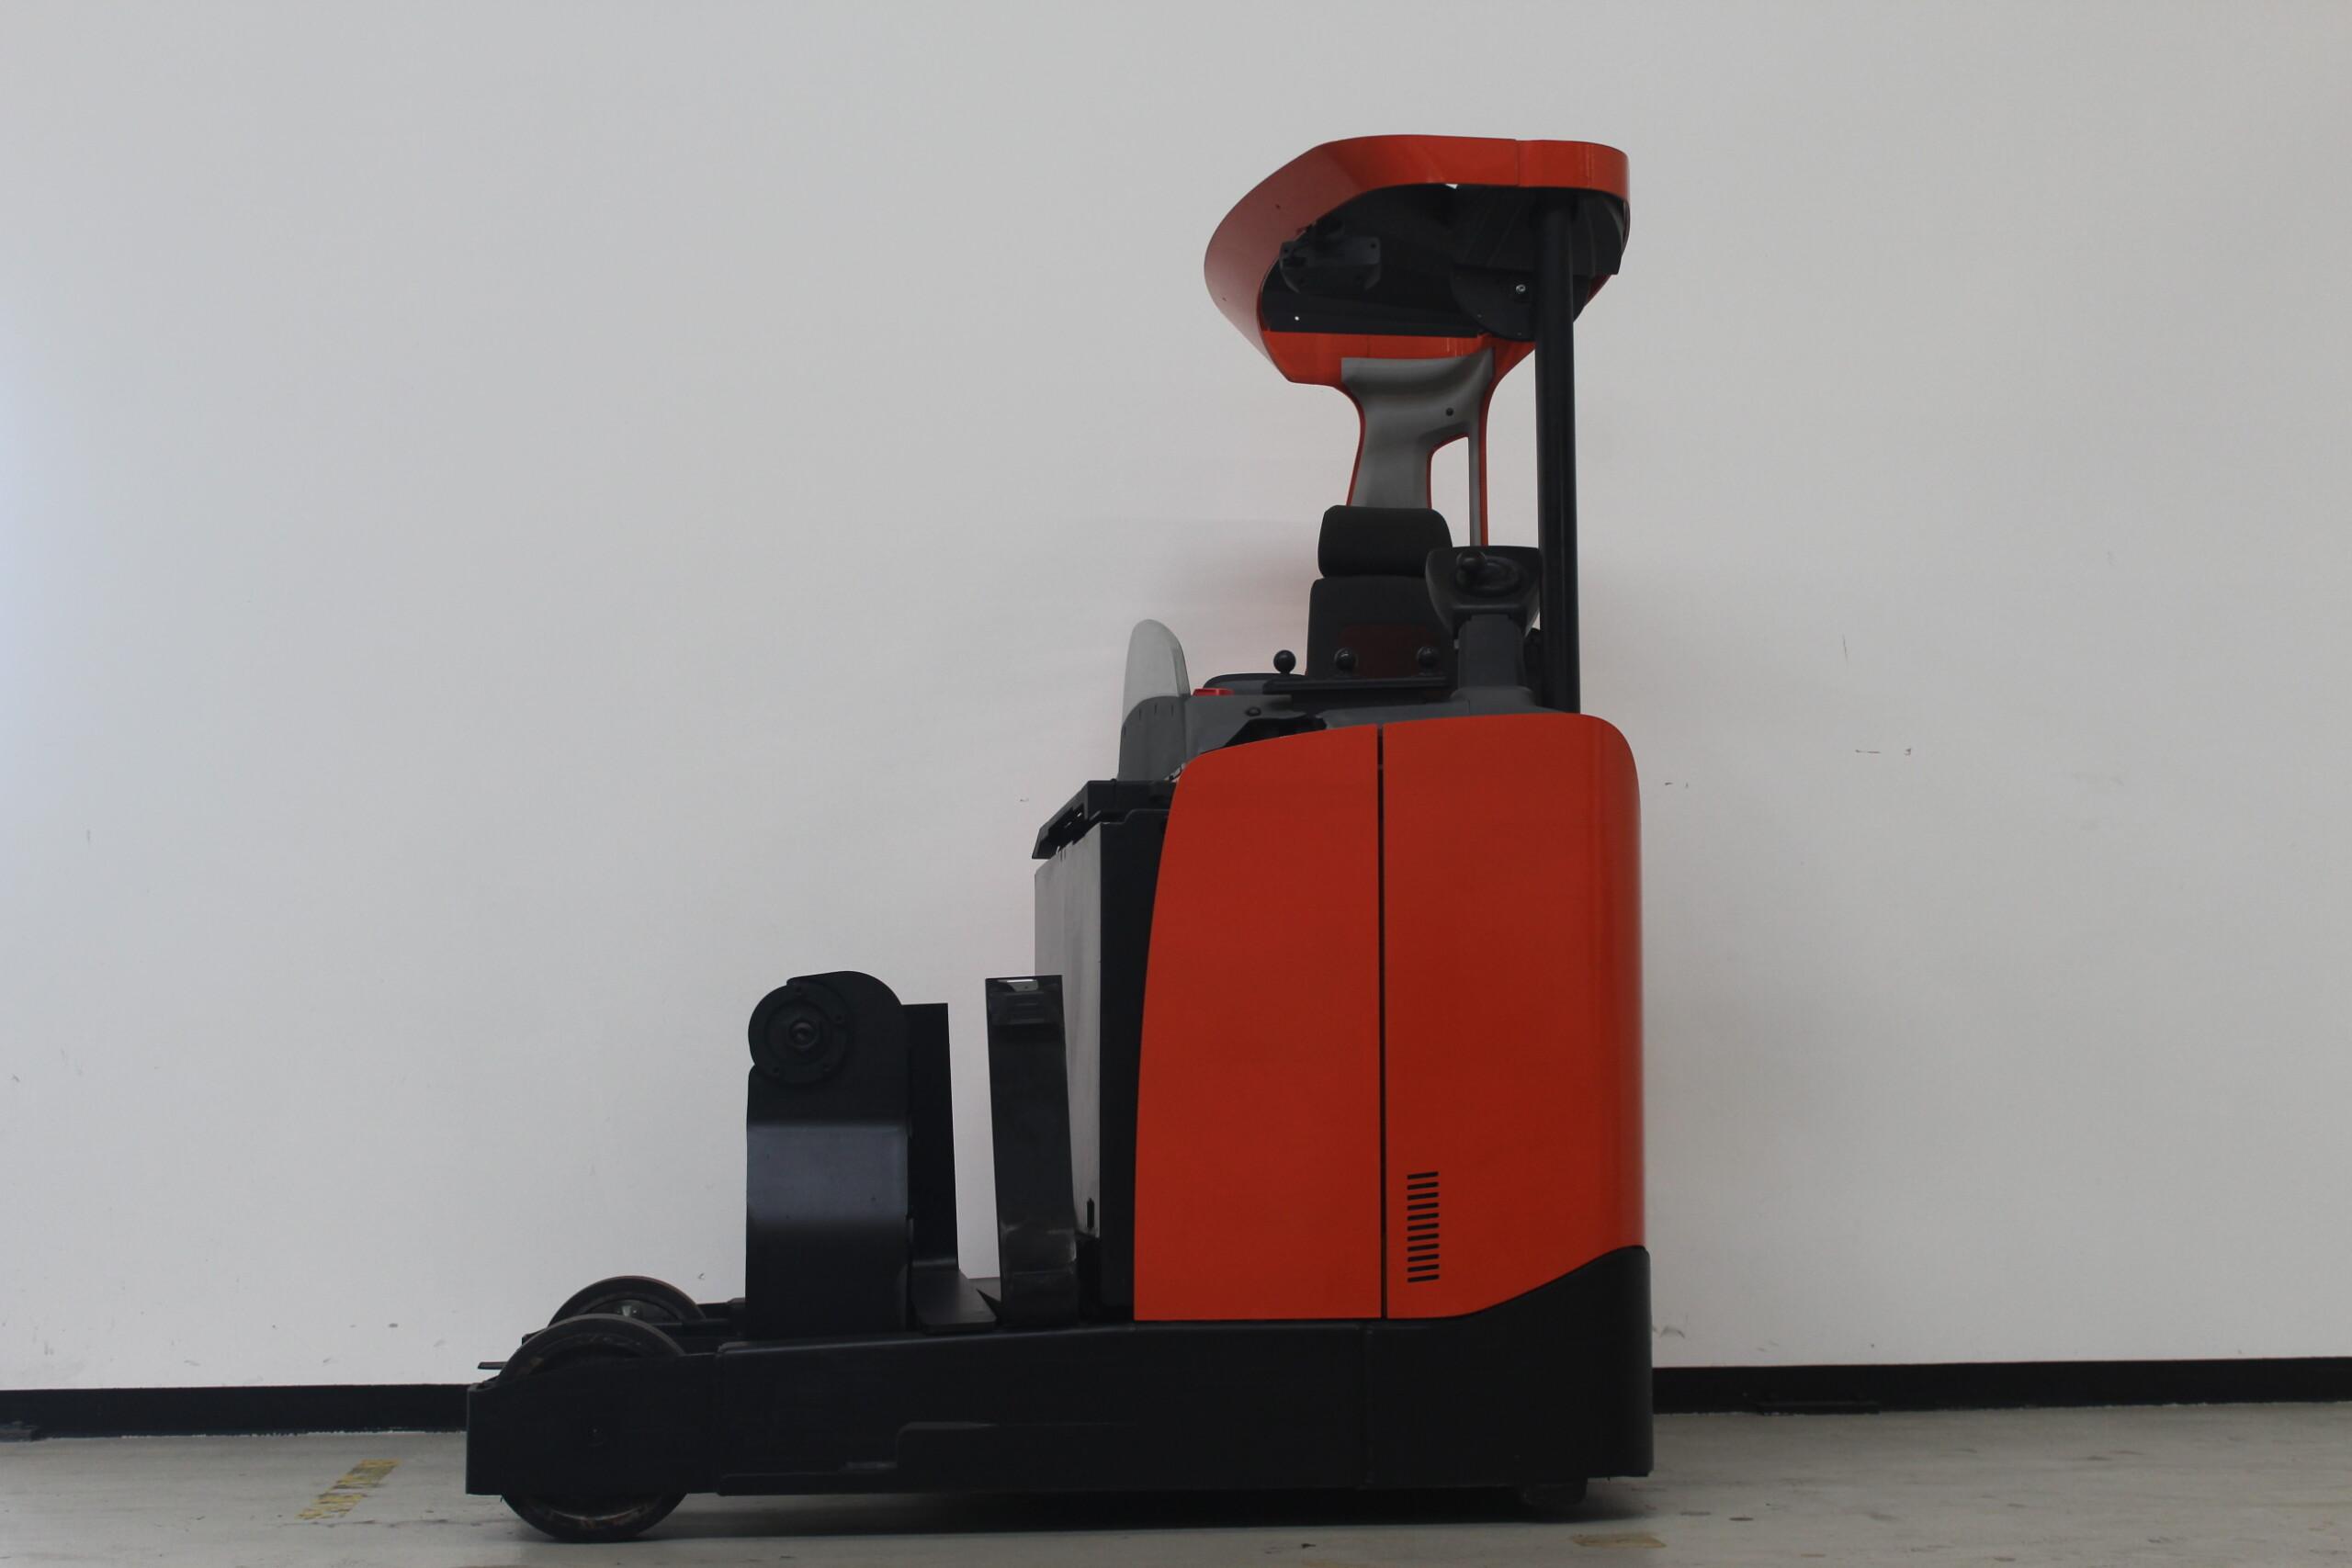 Toyota-Gabelstapler-59840 1704002480 1 83 scaled